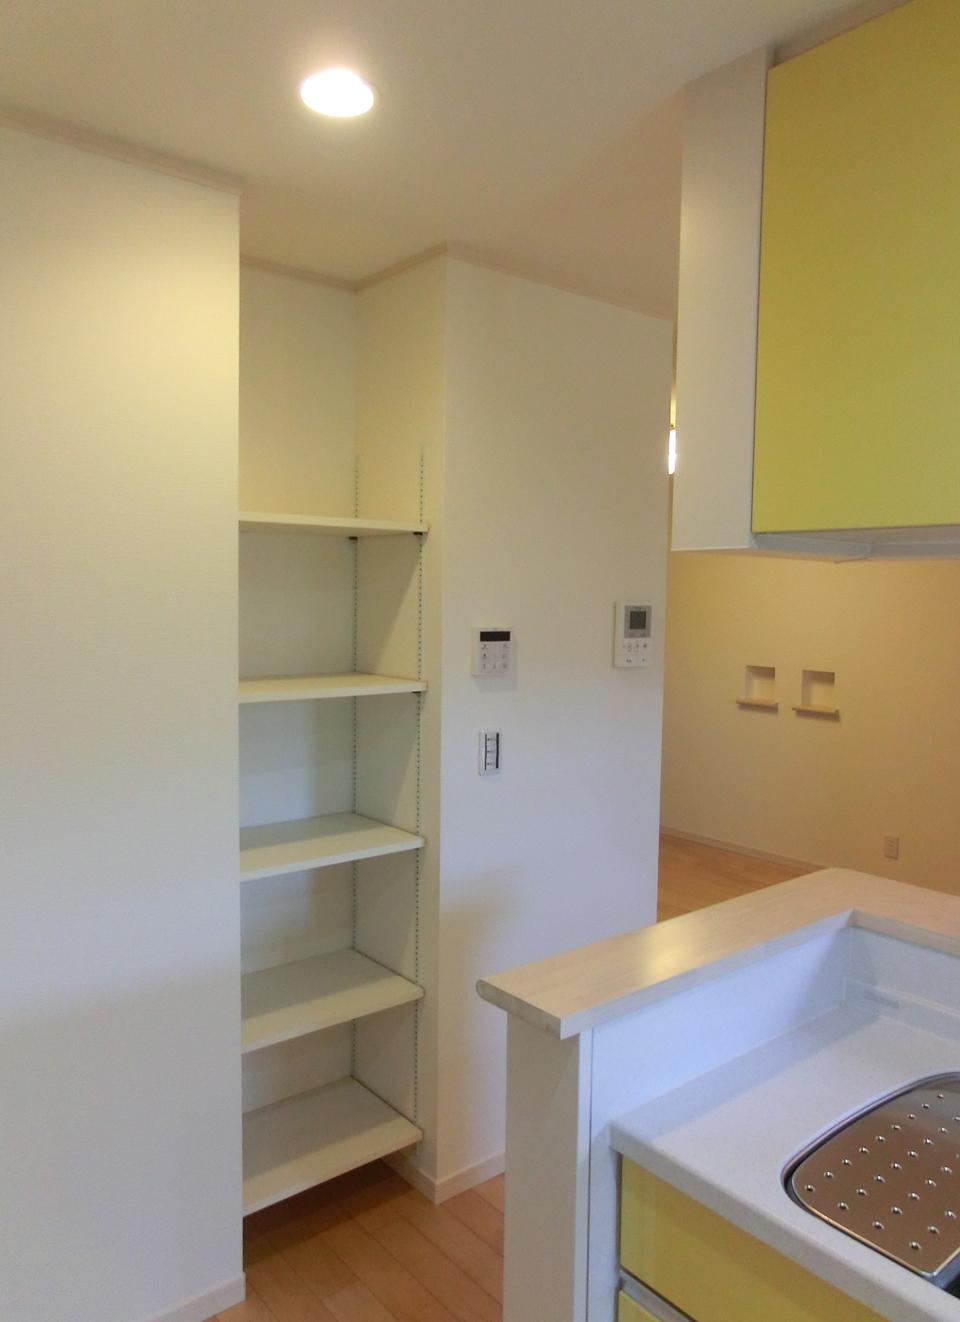 キッチン横には便利な収納棚